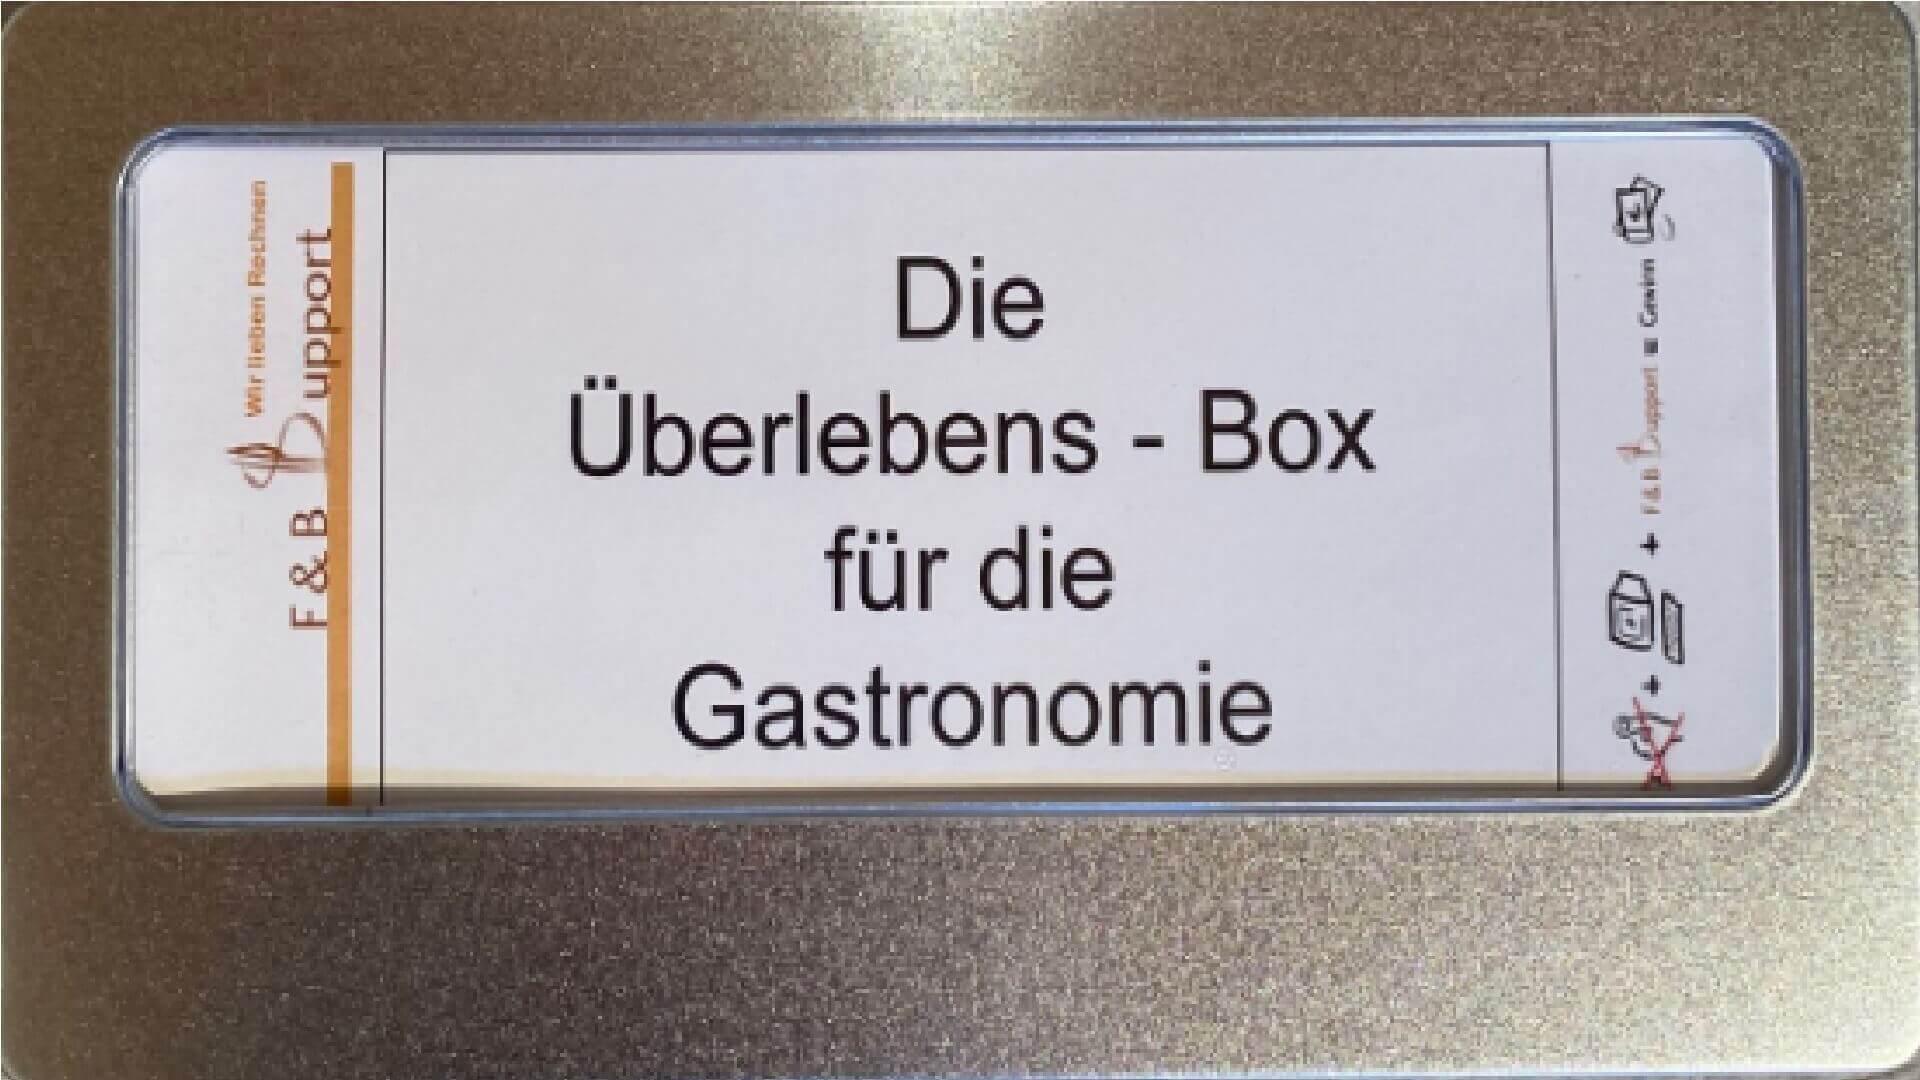 Die Überlebens - Box für die Gastronomie!